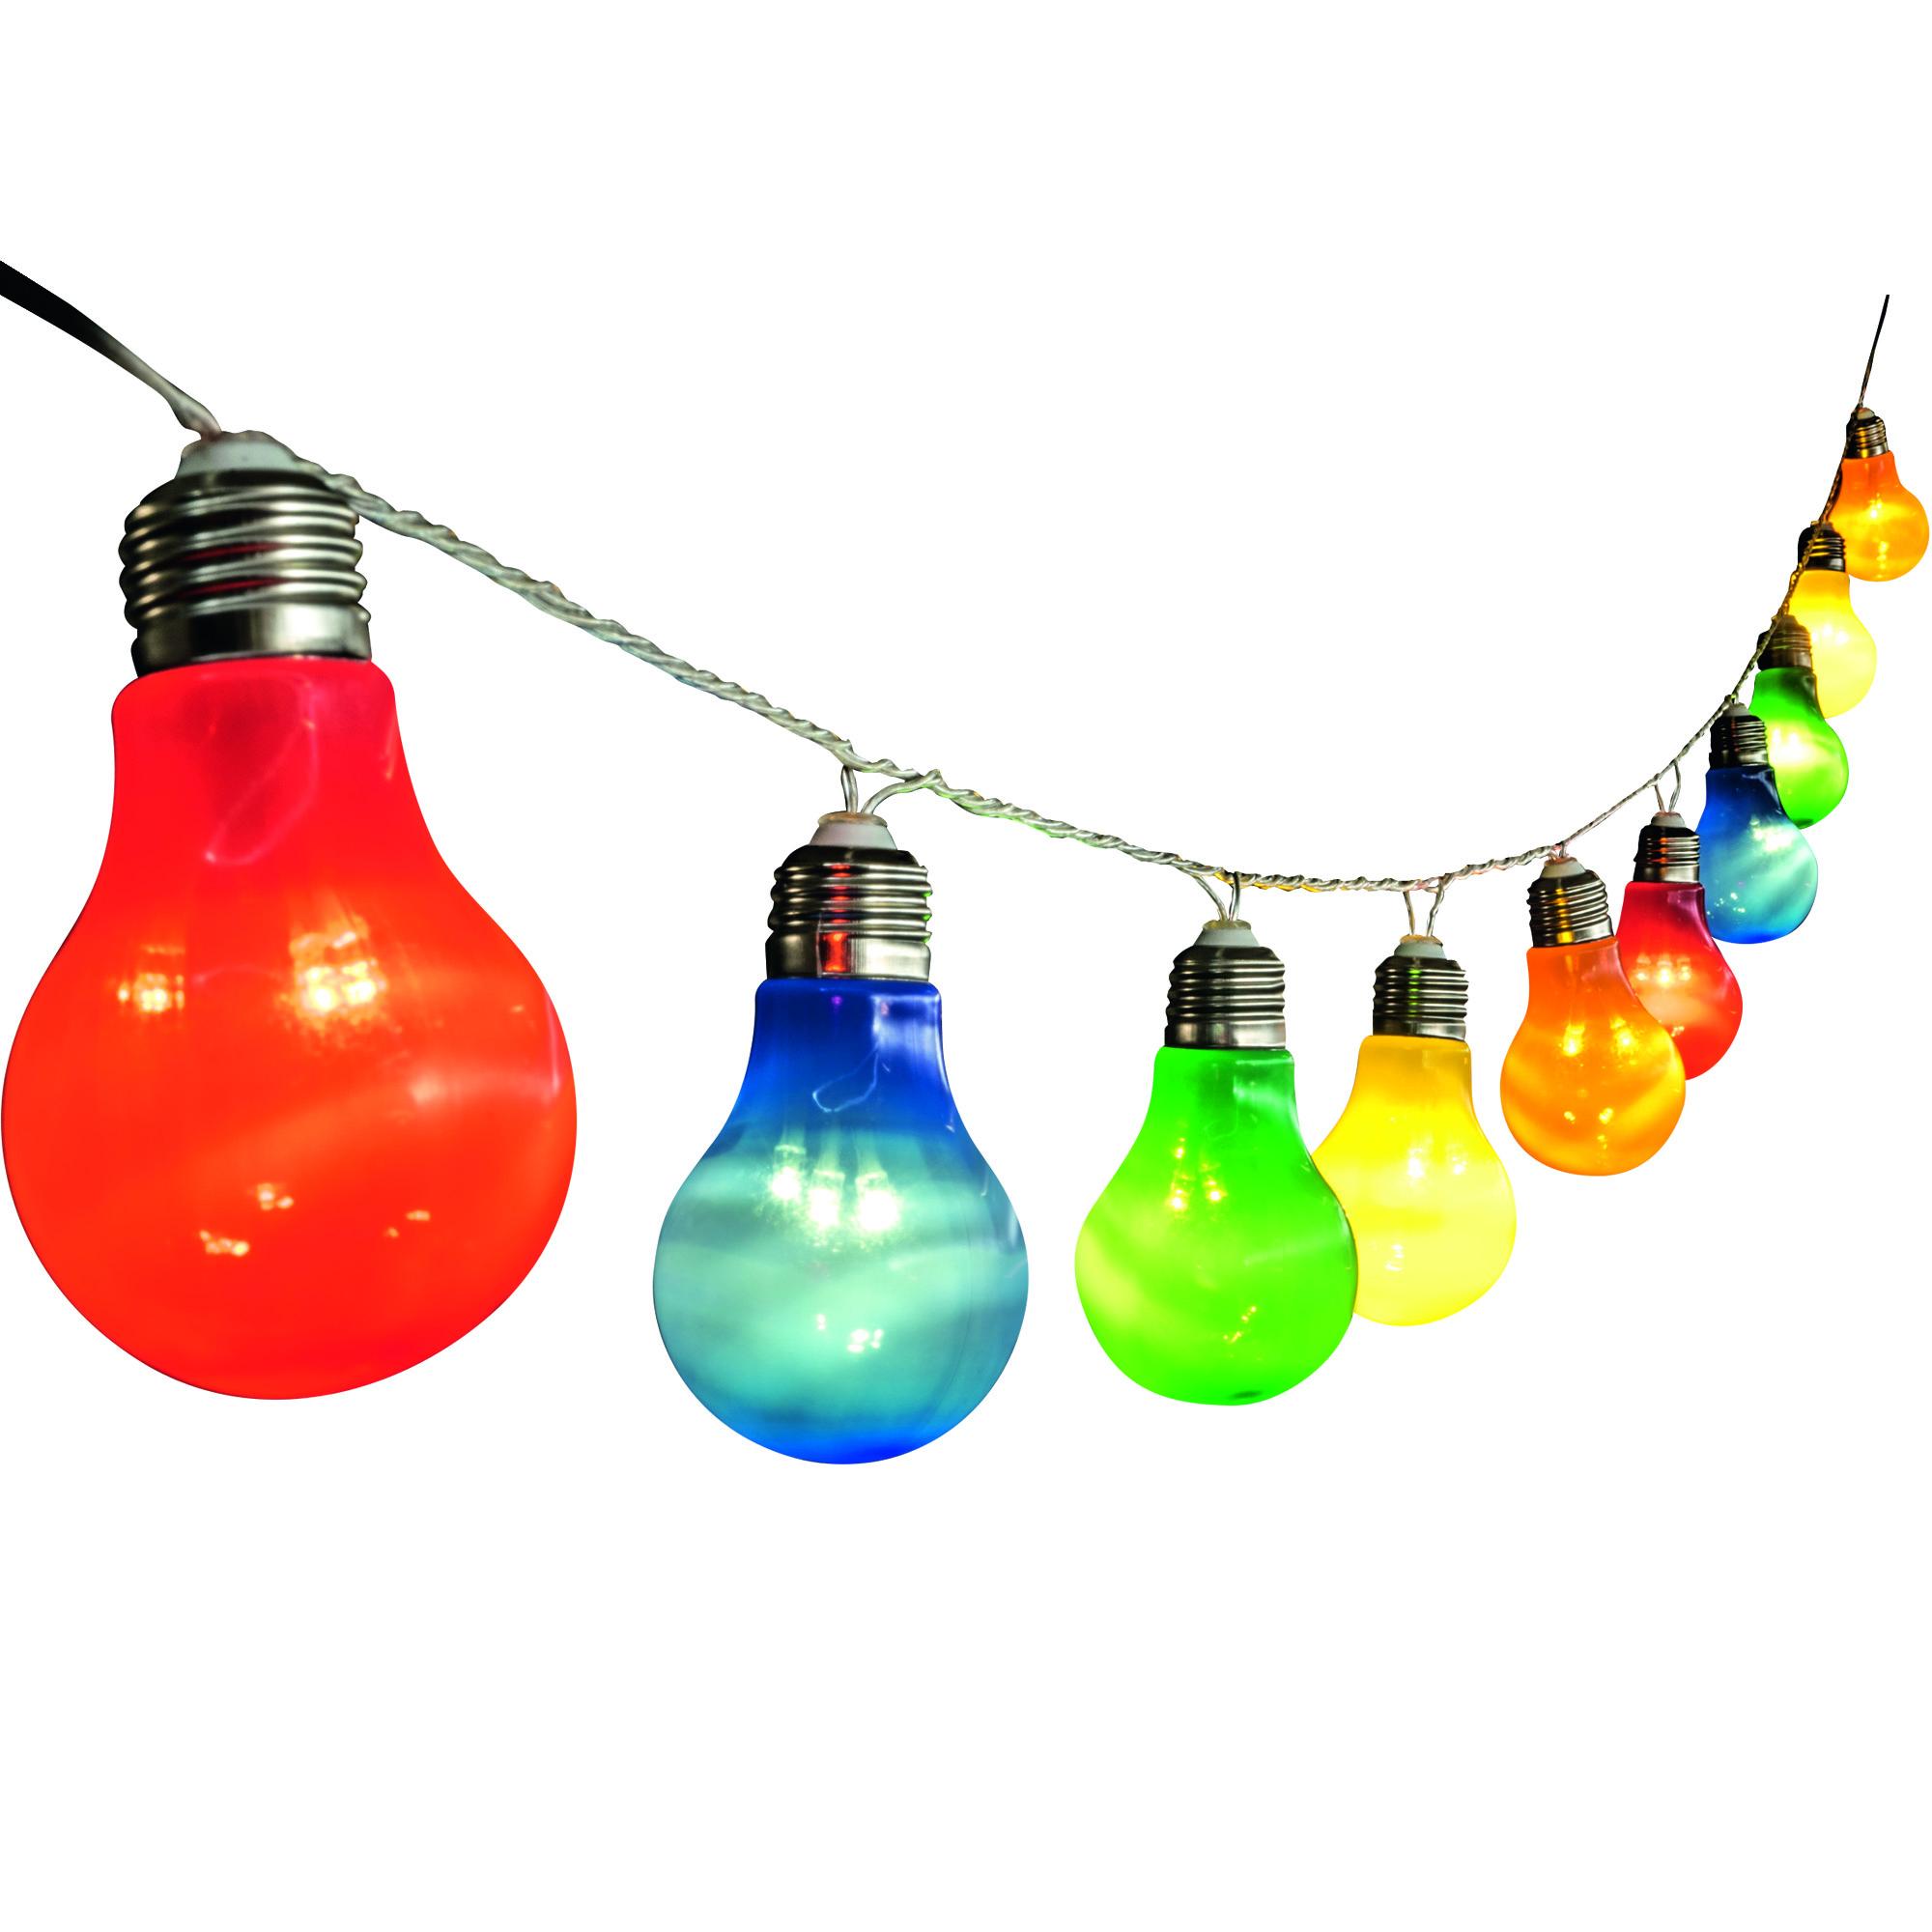 Somogyi LP 10/M LED-es izzósor, körte alakú, színes, 10db-os, 230V